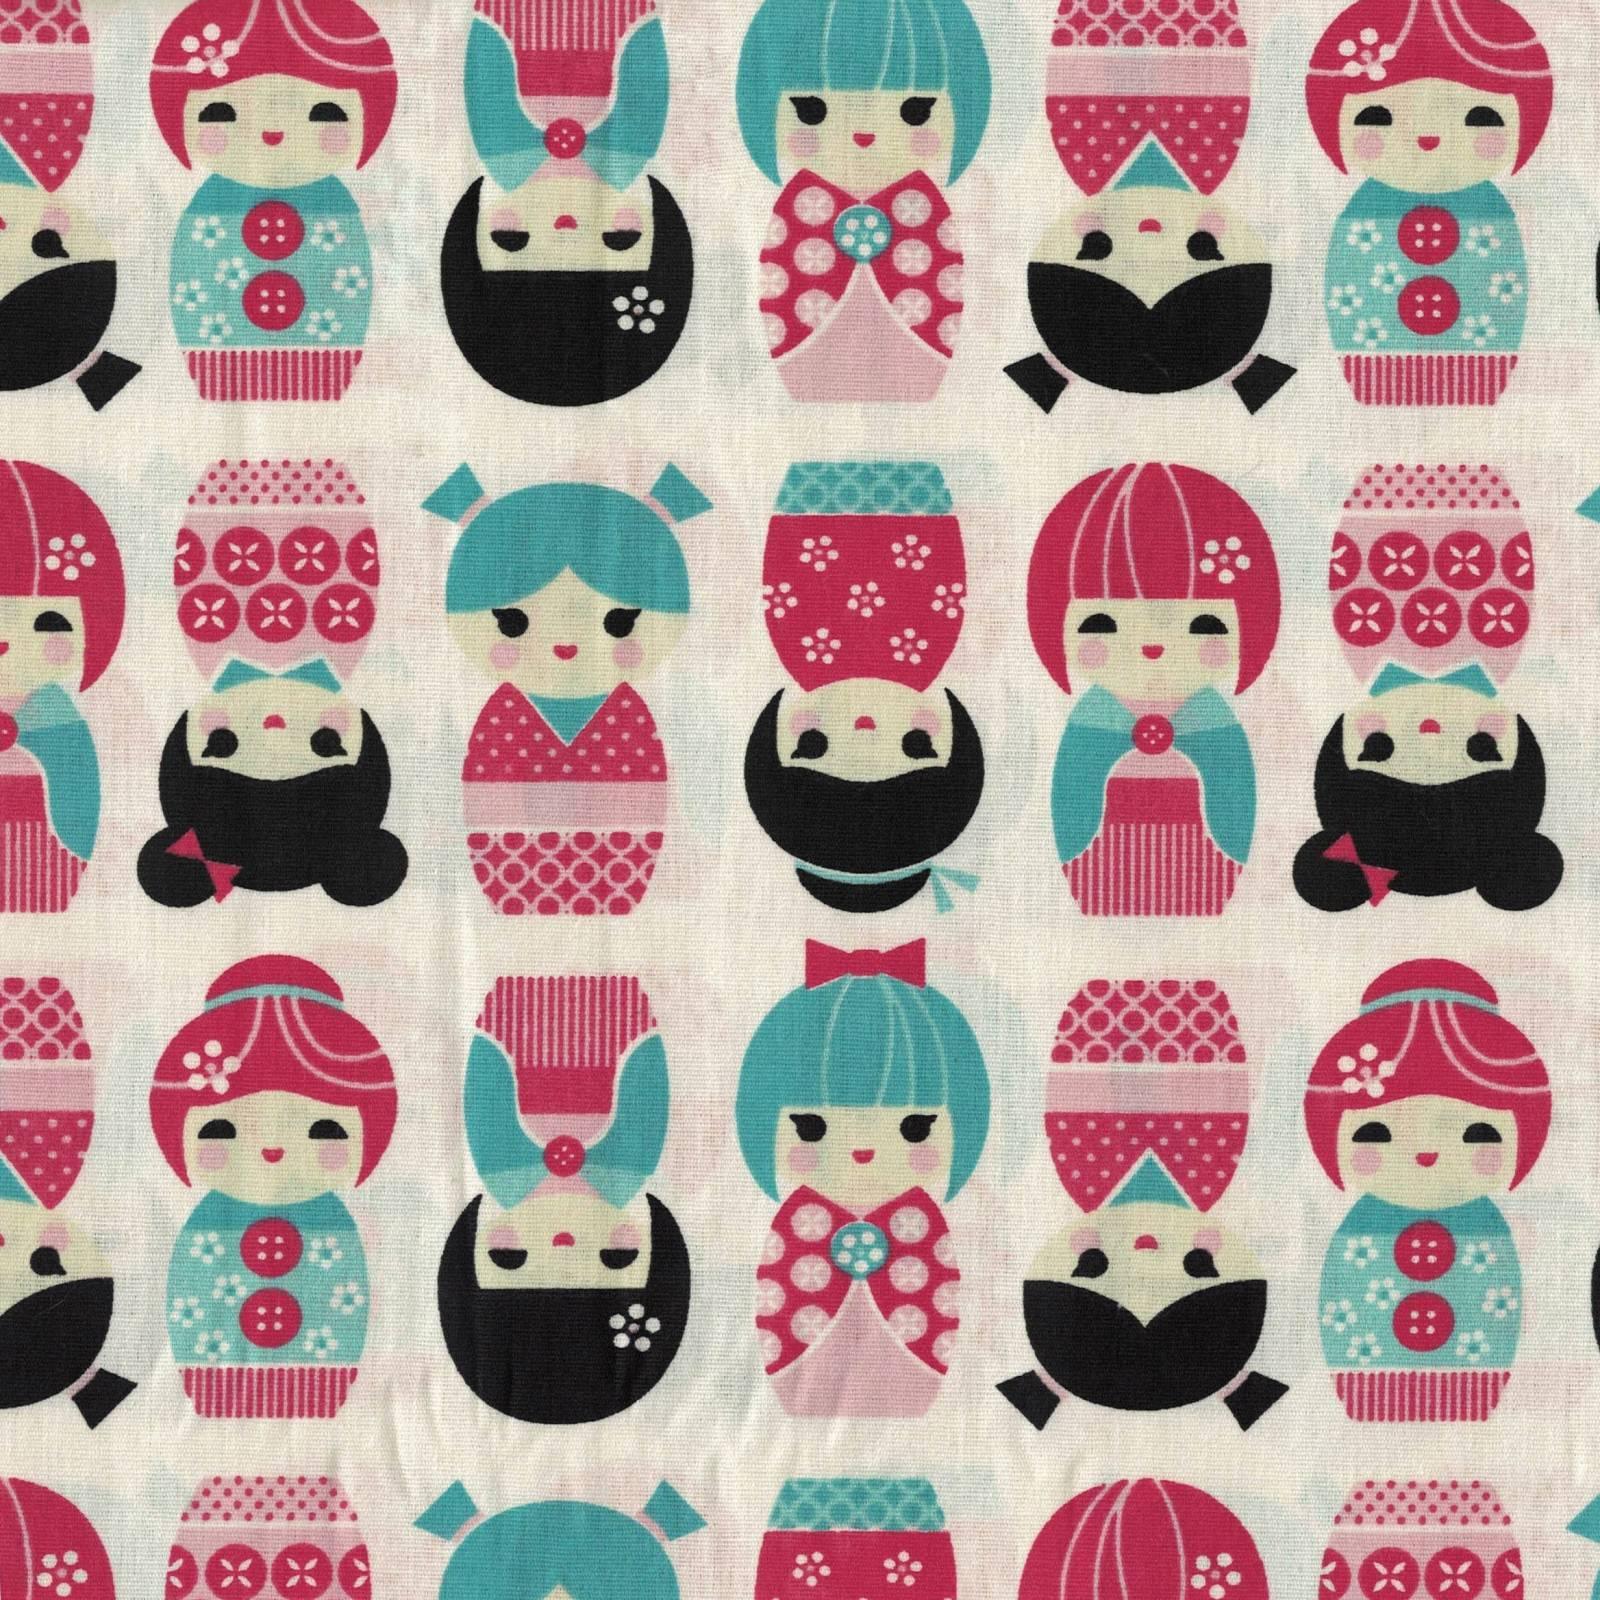 Bonecas Japonesas Fundo Off White - Ref. BJ6303-1 - Eva e Eva - Armarinhos Nodari